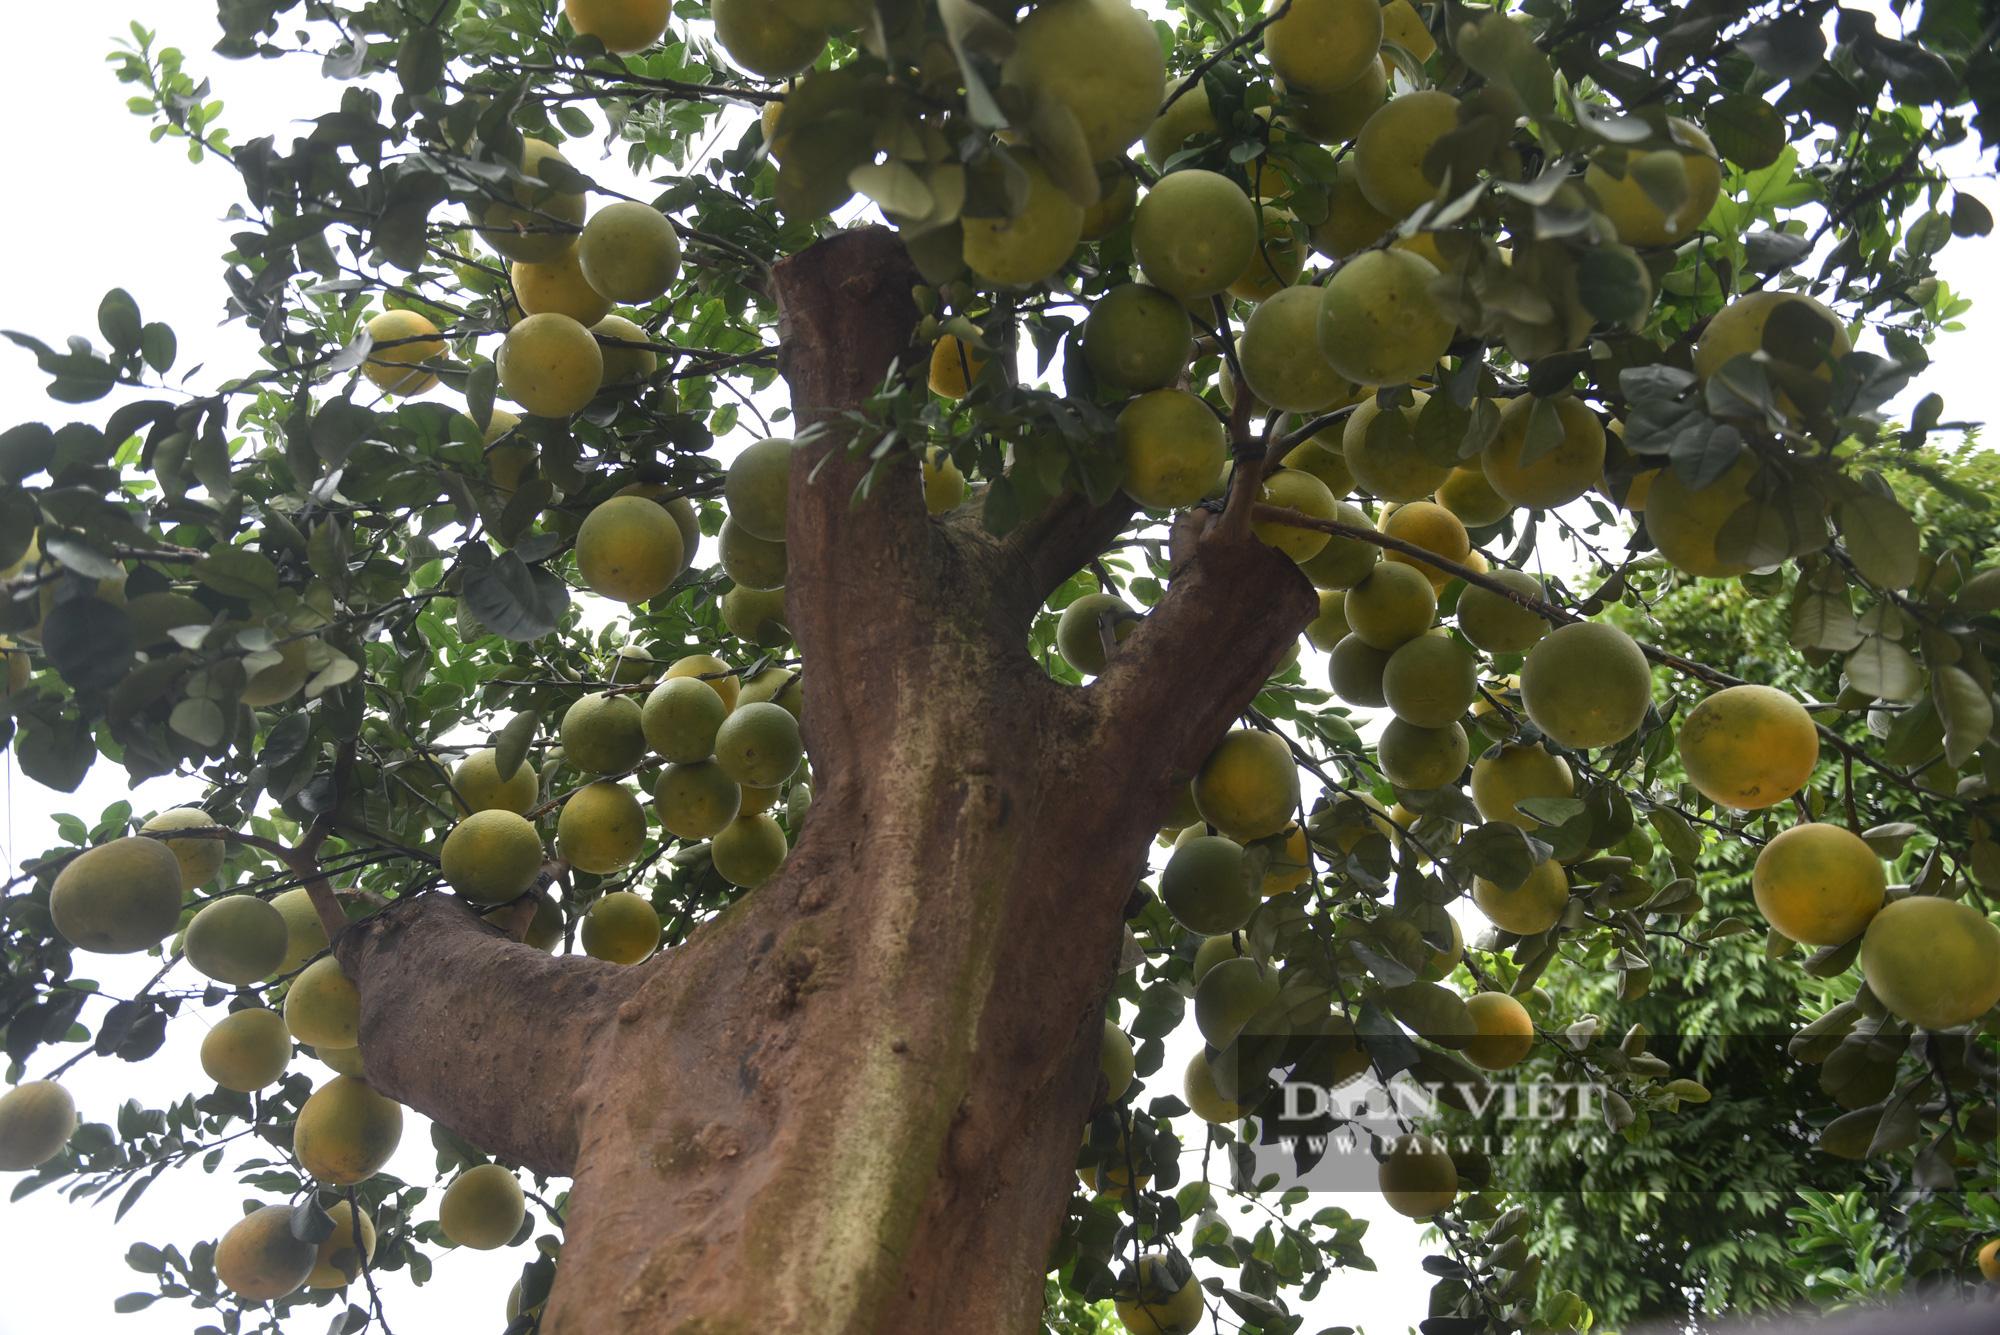 Đeo lúc lỉu hơn 200 quả trên cây: Bưởi cảnh khổng lồ 'hét' giá cho thuê gần 100 triệu đồng - Ảnh 4.